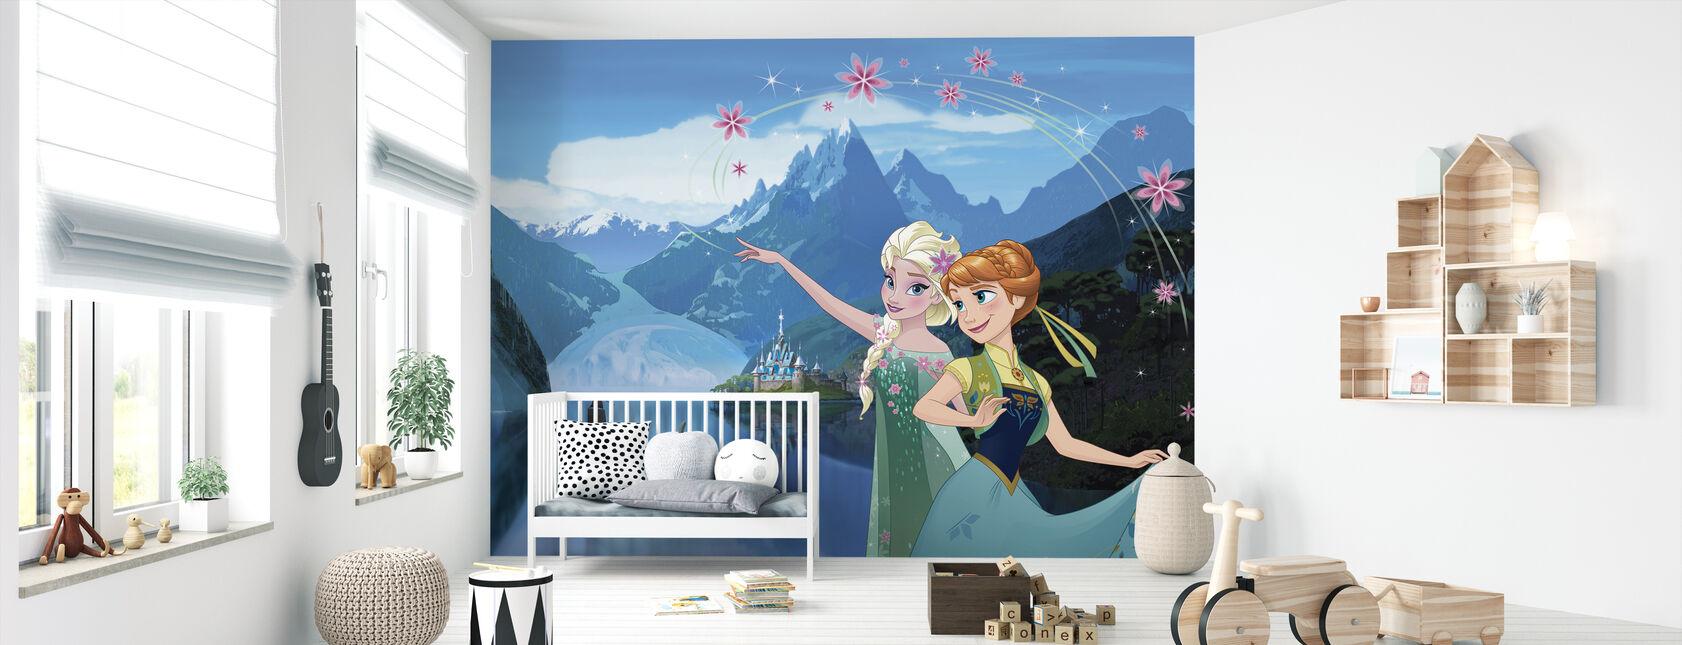 Jäätynyt kuume - Elsa ja Anna - Tapetti - Vauvan huone